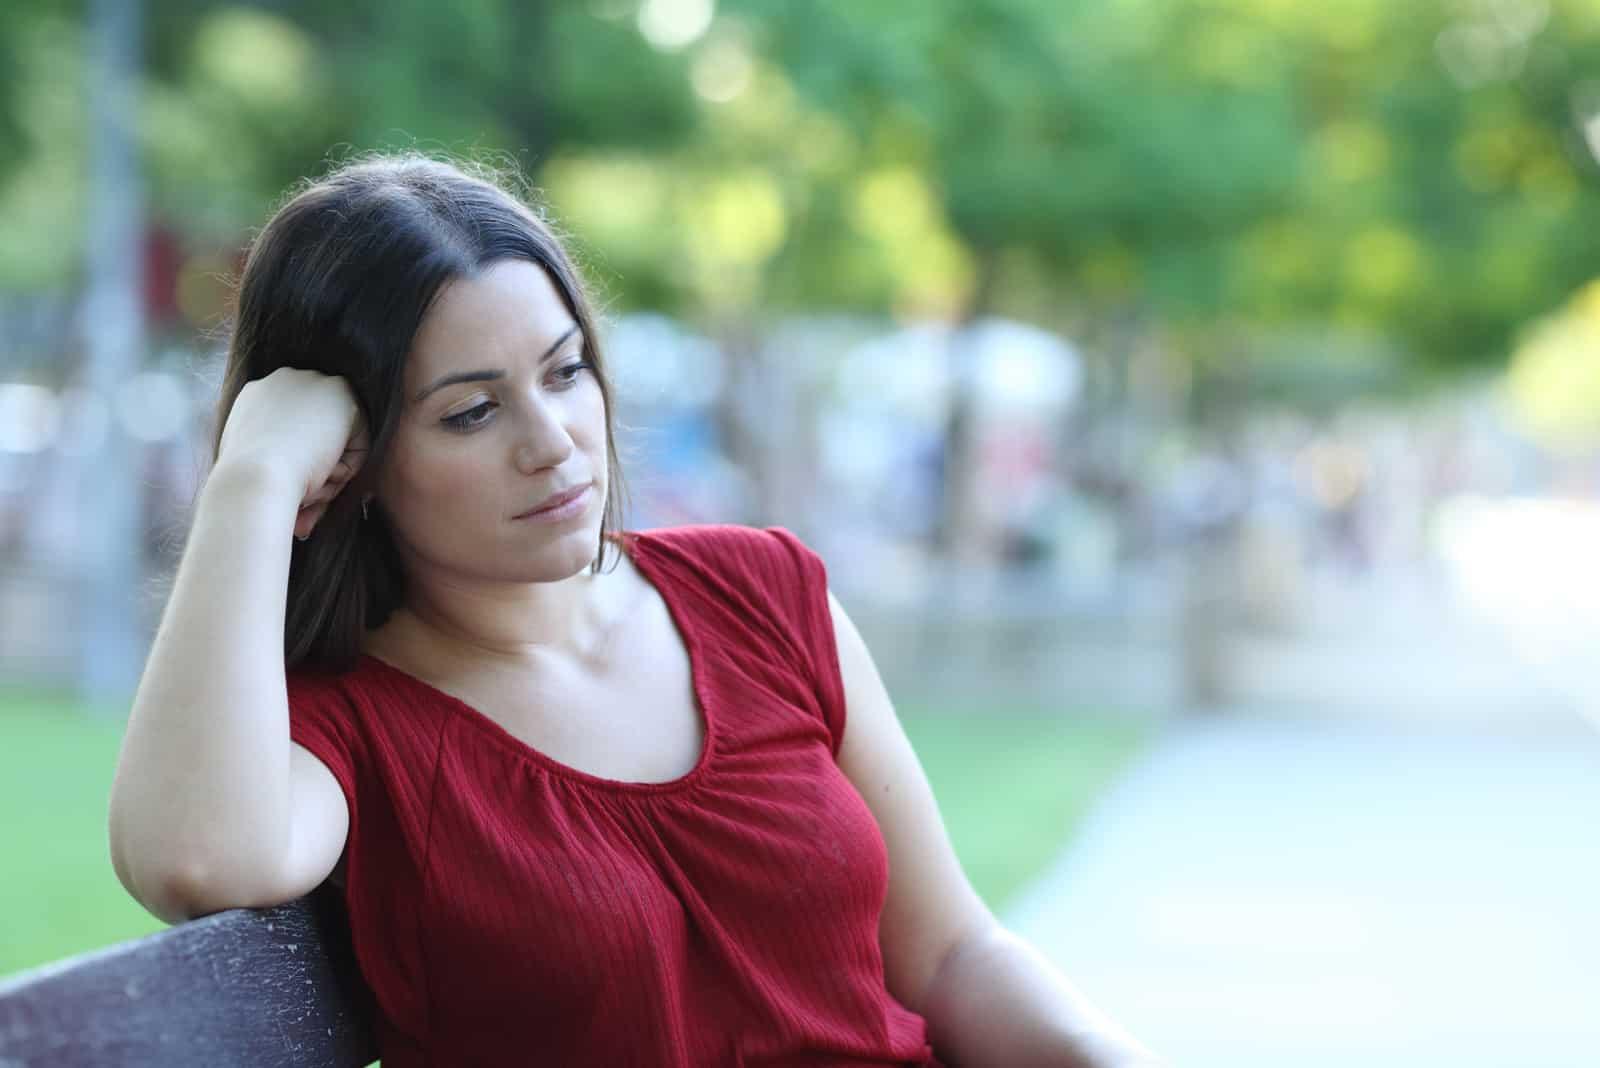 kvinnasammanträde på en bänk i en park som tittar bort